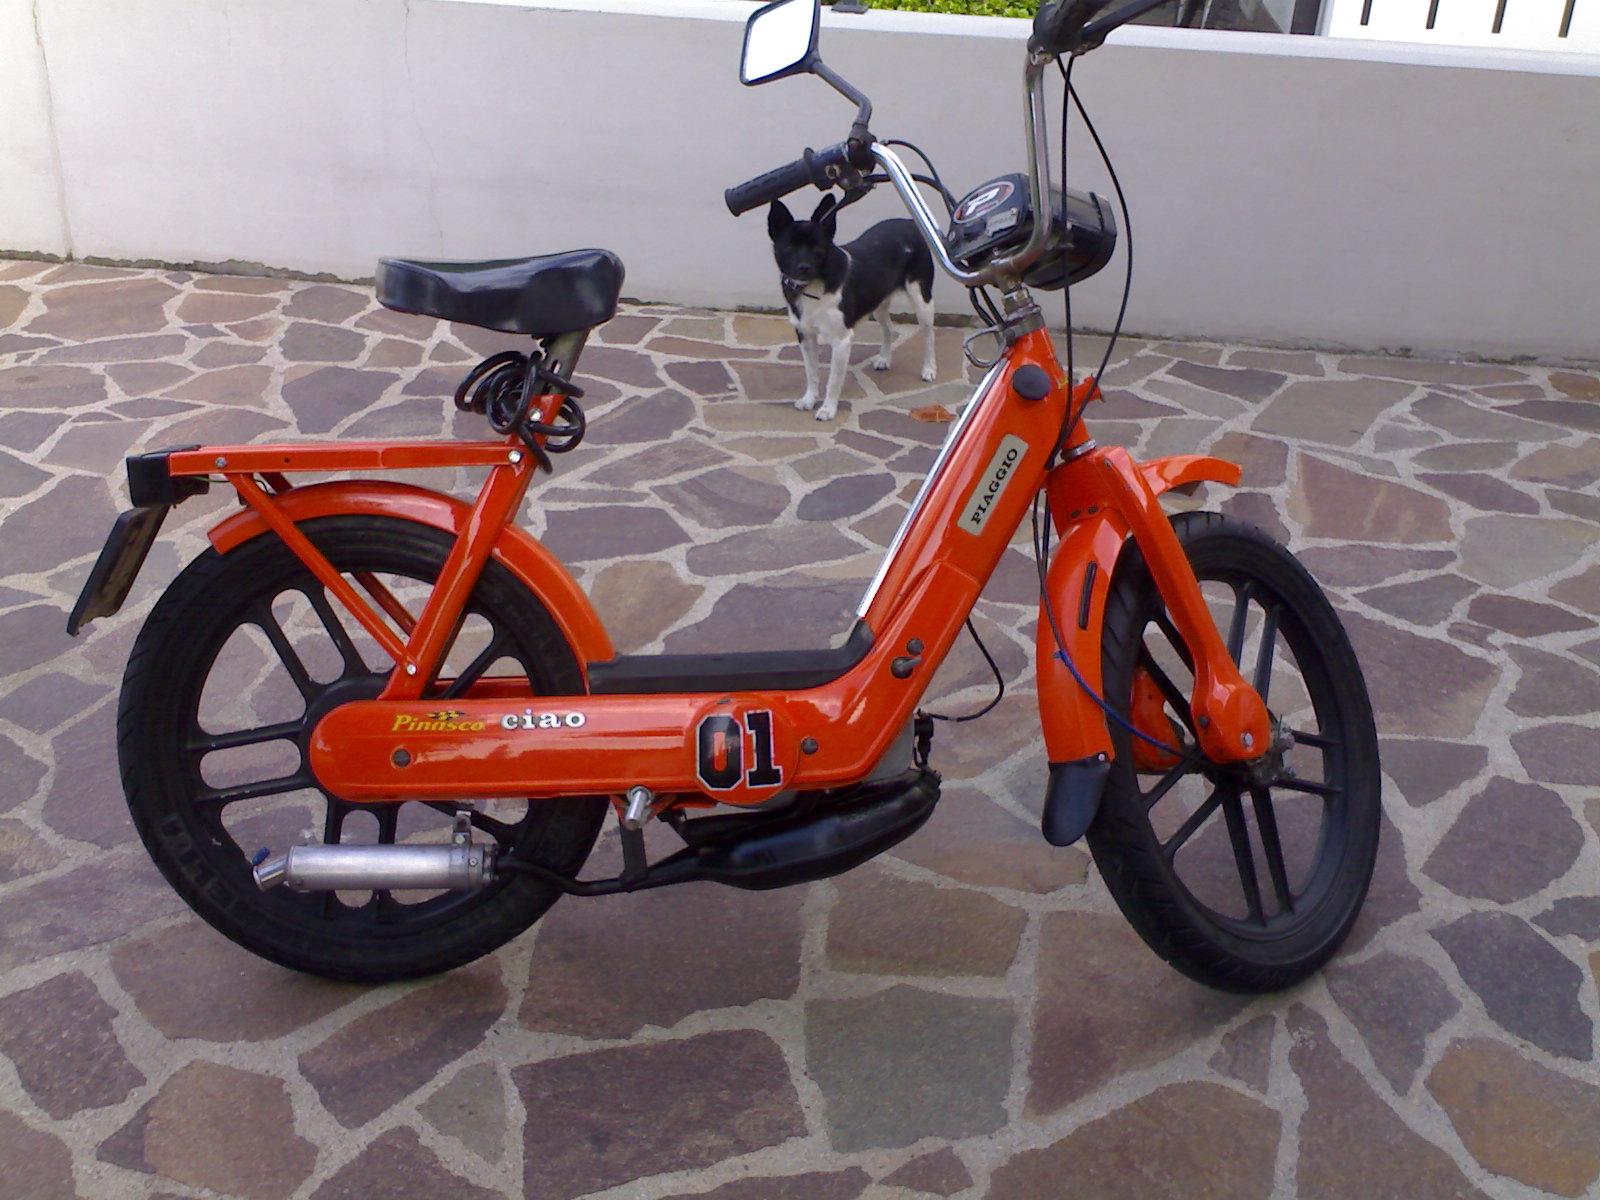 Piaggio Vespa Ciao Px 2004 Catalyzed 49cc Moped | in North